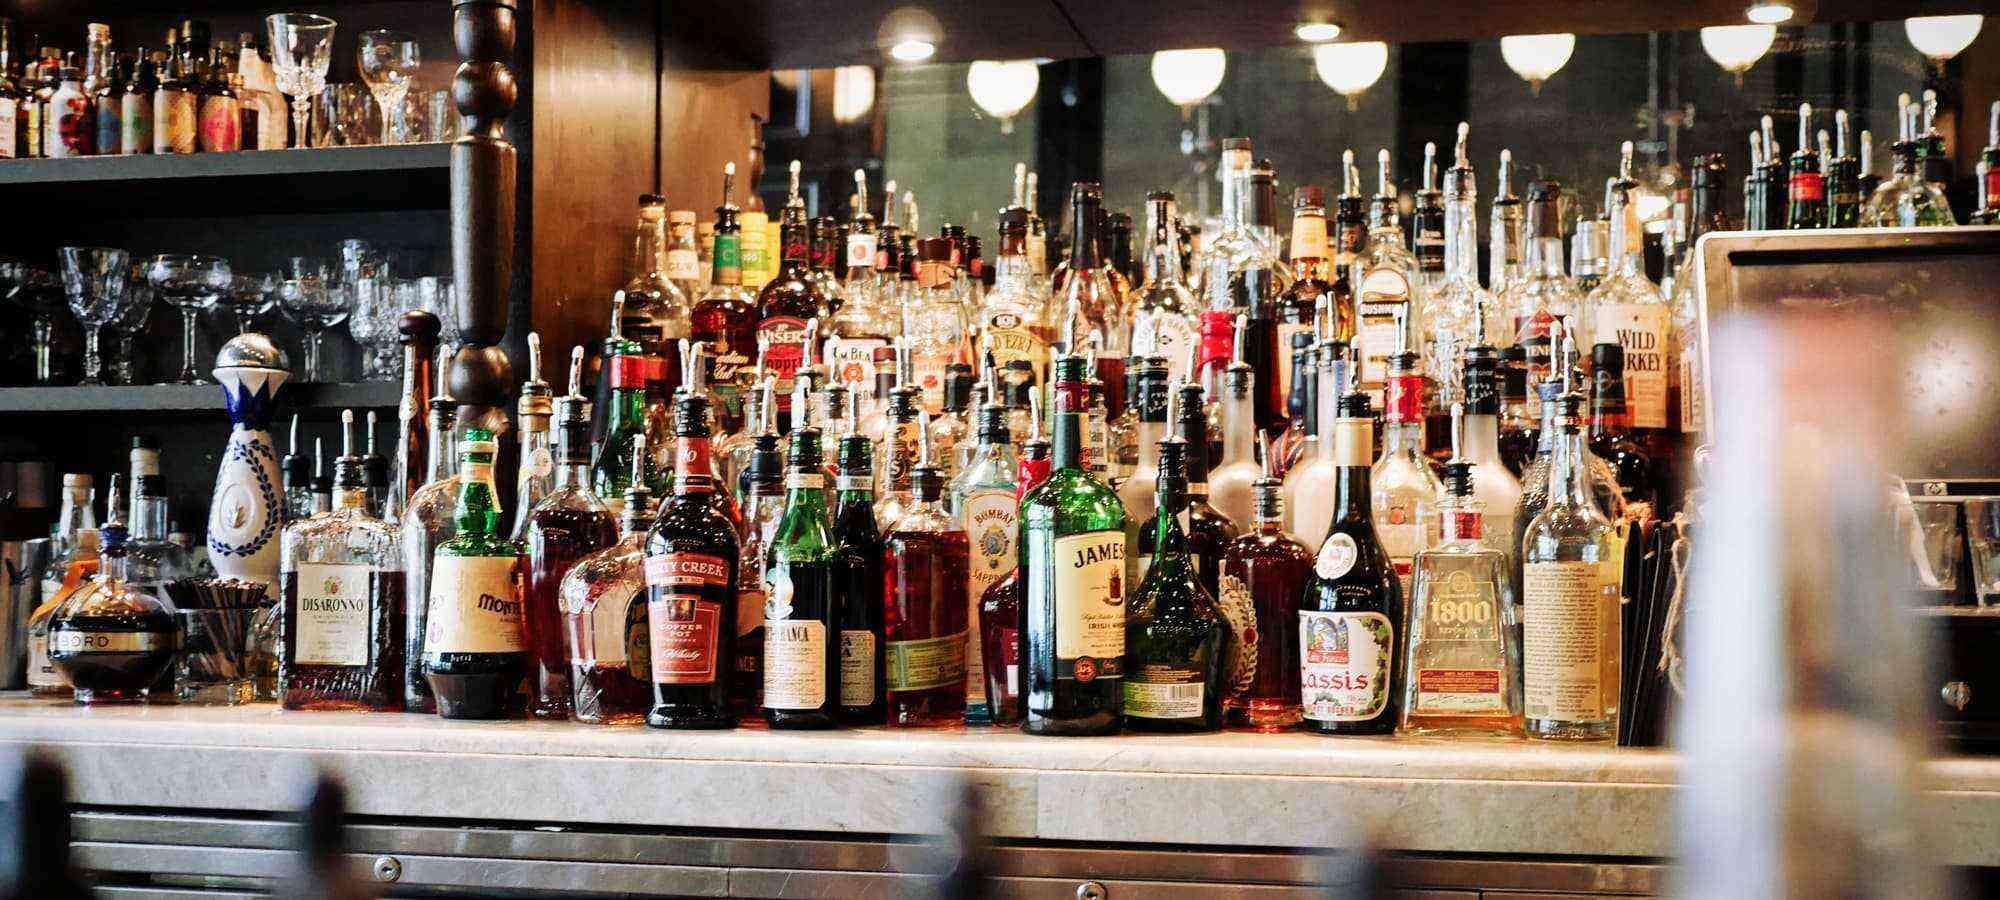 Booze